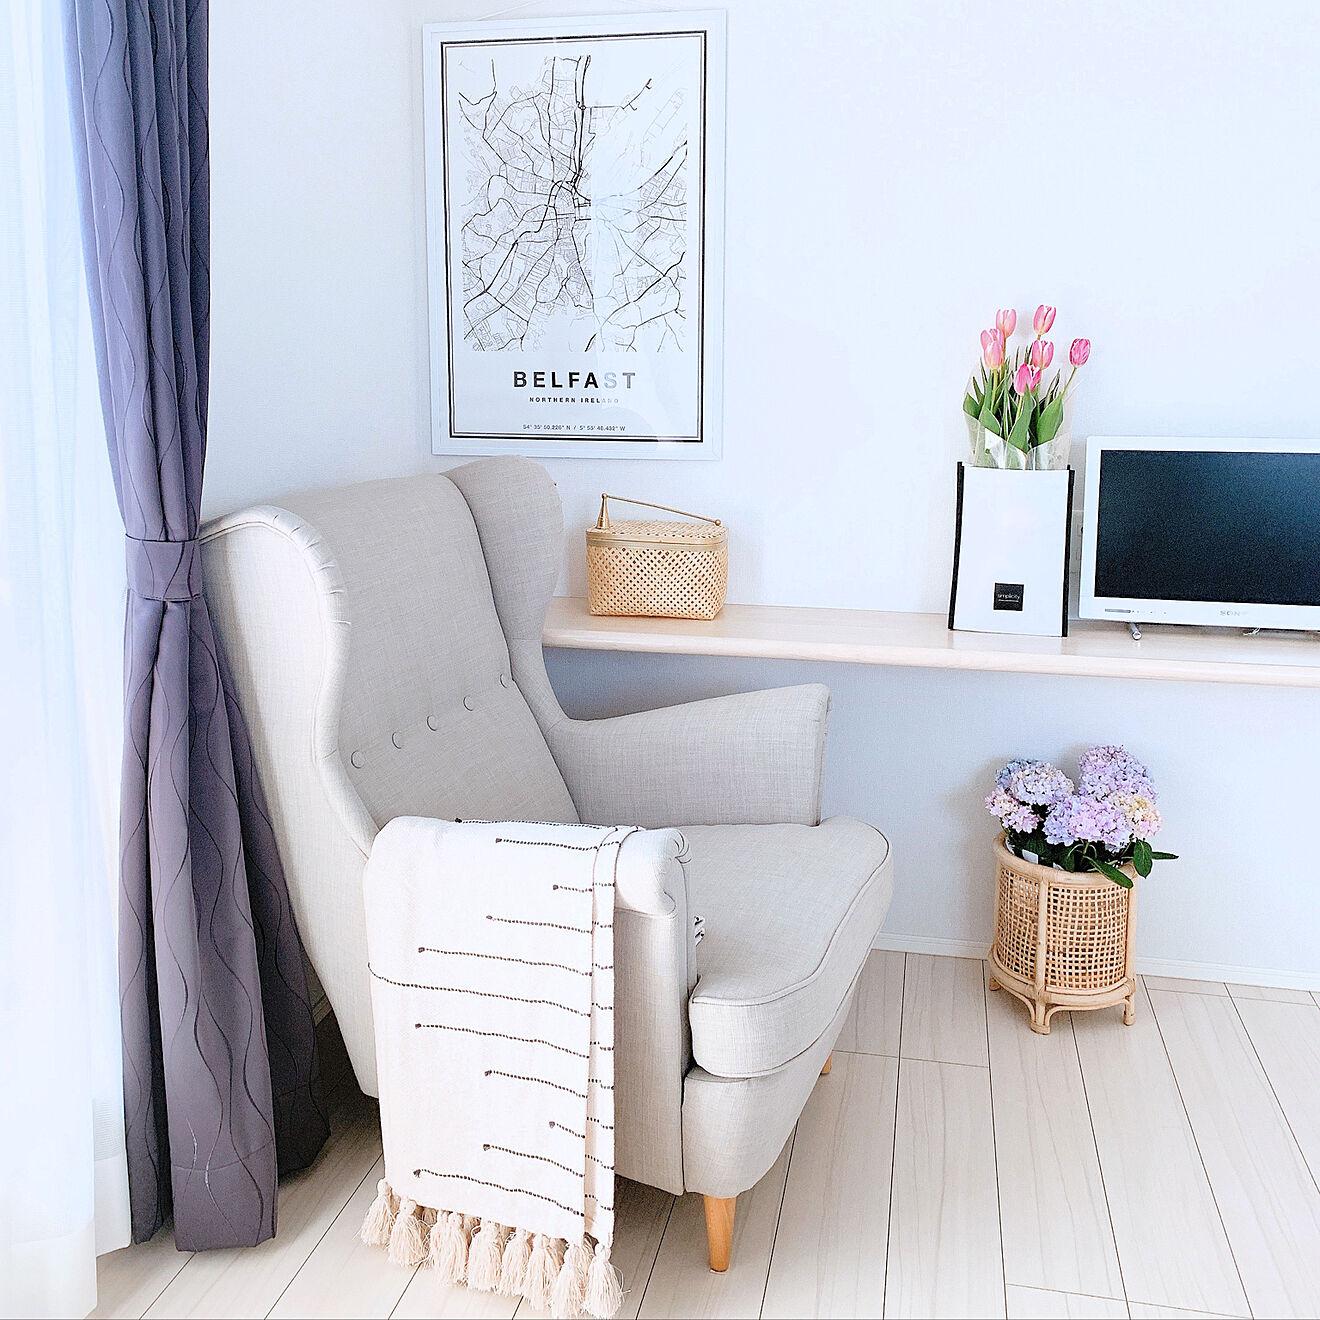 3套简约又精致的卧室,没有华丽的装饰,但看完就是很喜欢